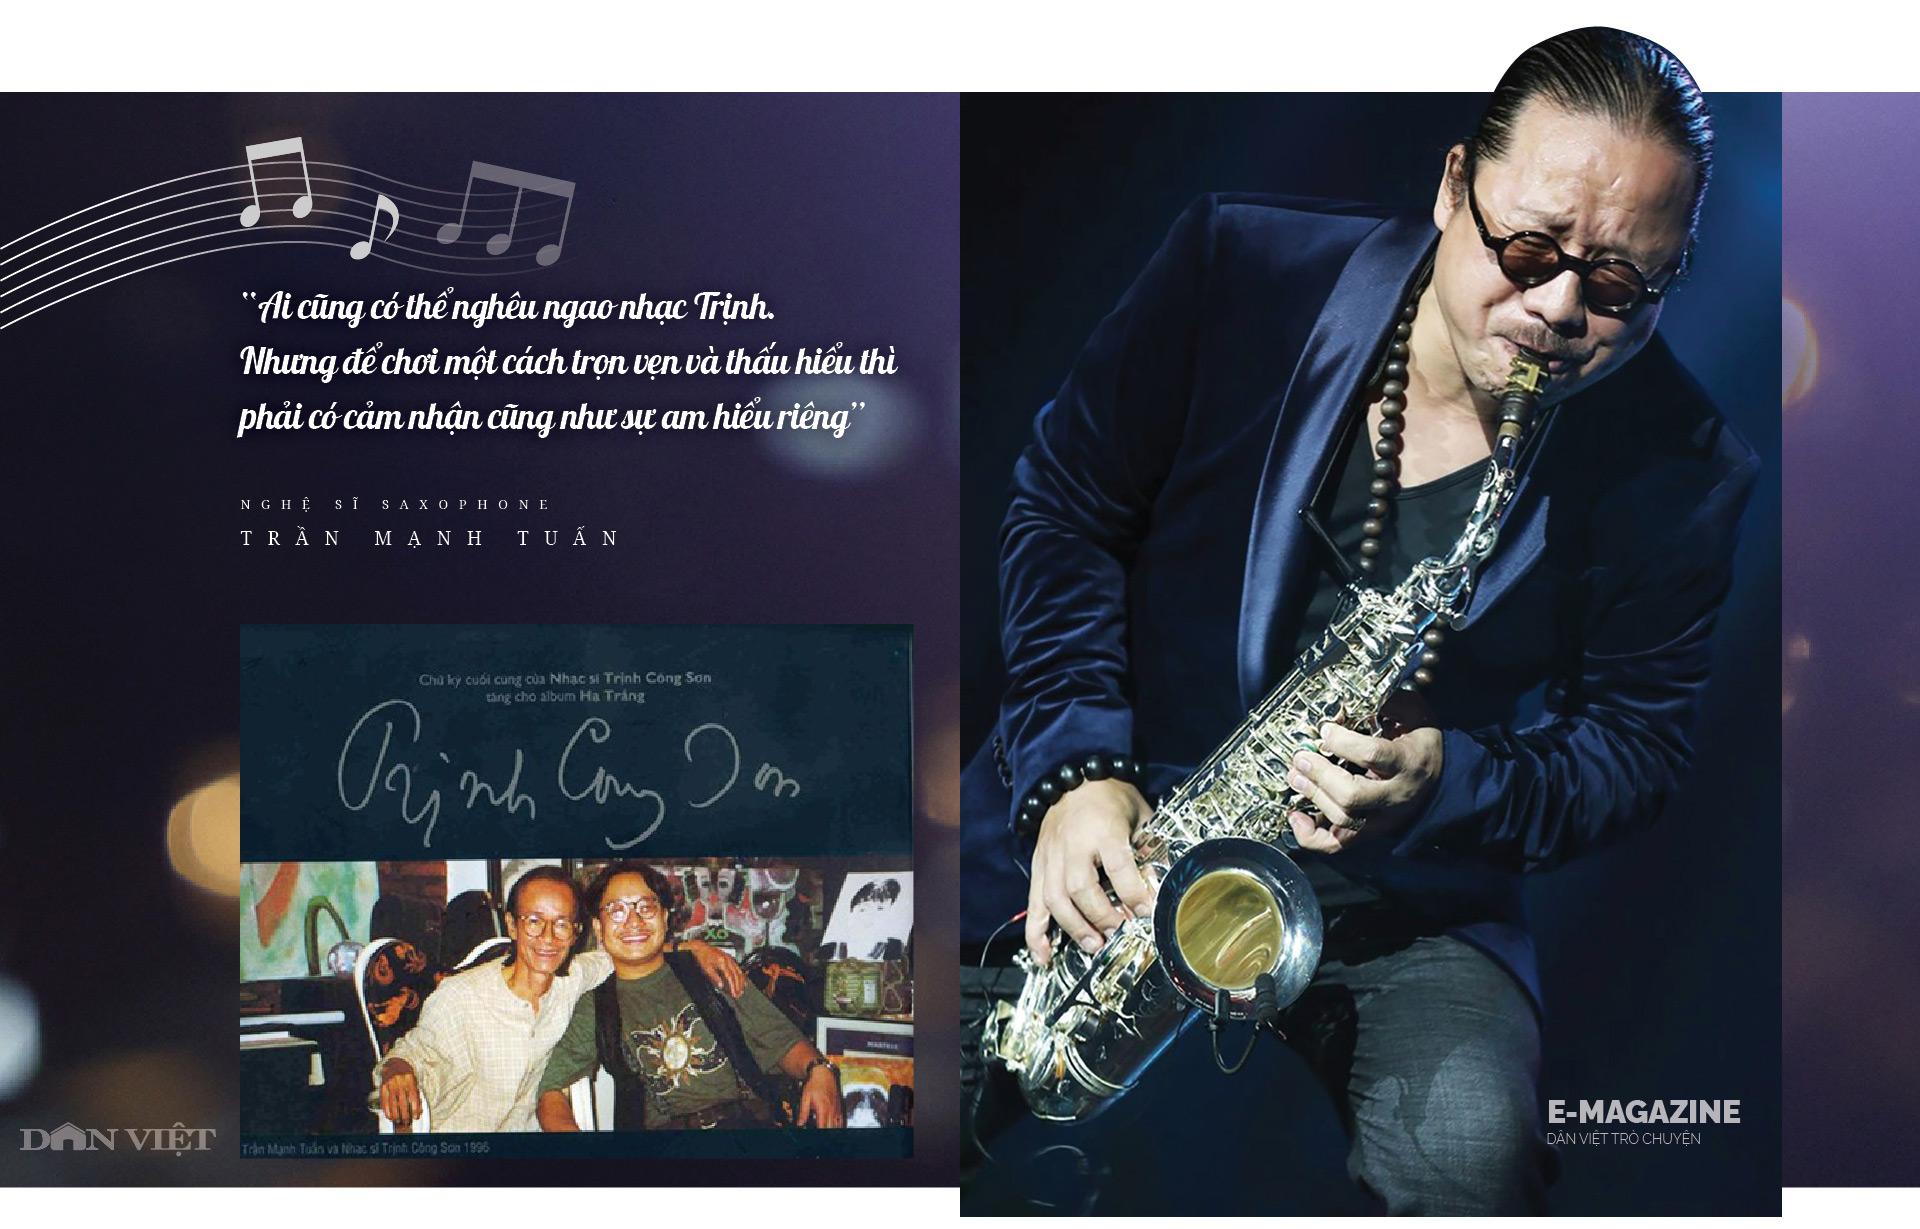 """Nghệ sĩ saxophone Trần Mạnh Tuấn: """"Diễn giữa không gian bệnh viện dã chiến là điều đặc biệt nhất trong đời"""" - Ảnh 7."""